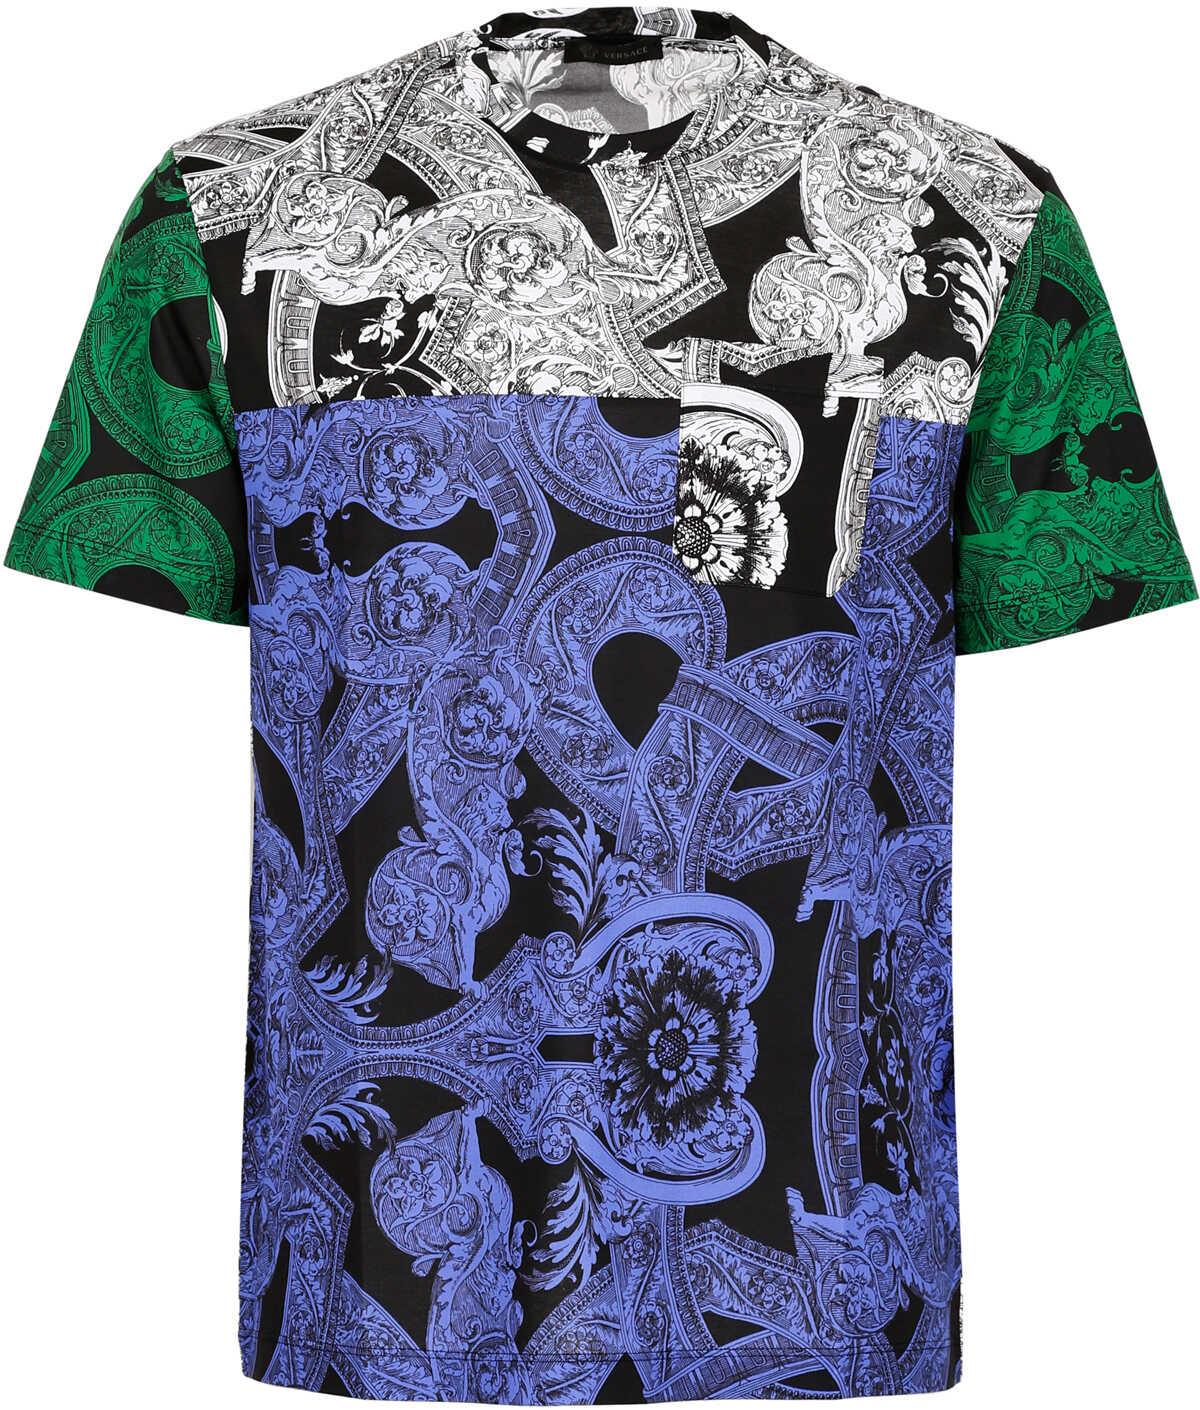 Versace Printed T-Shirt NERO-BIANCO